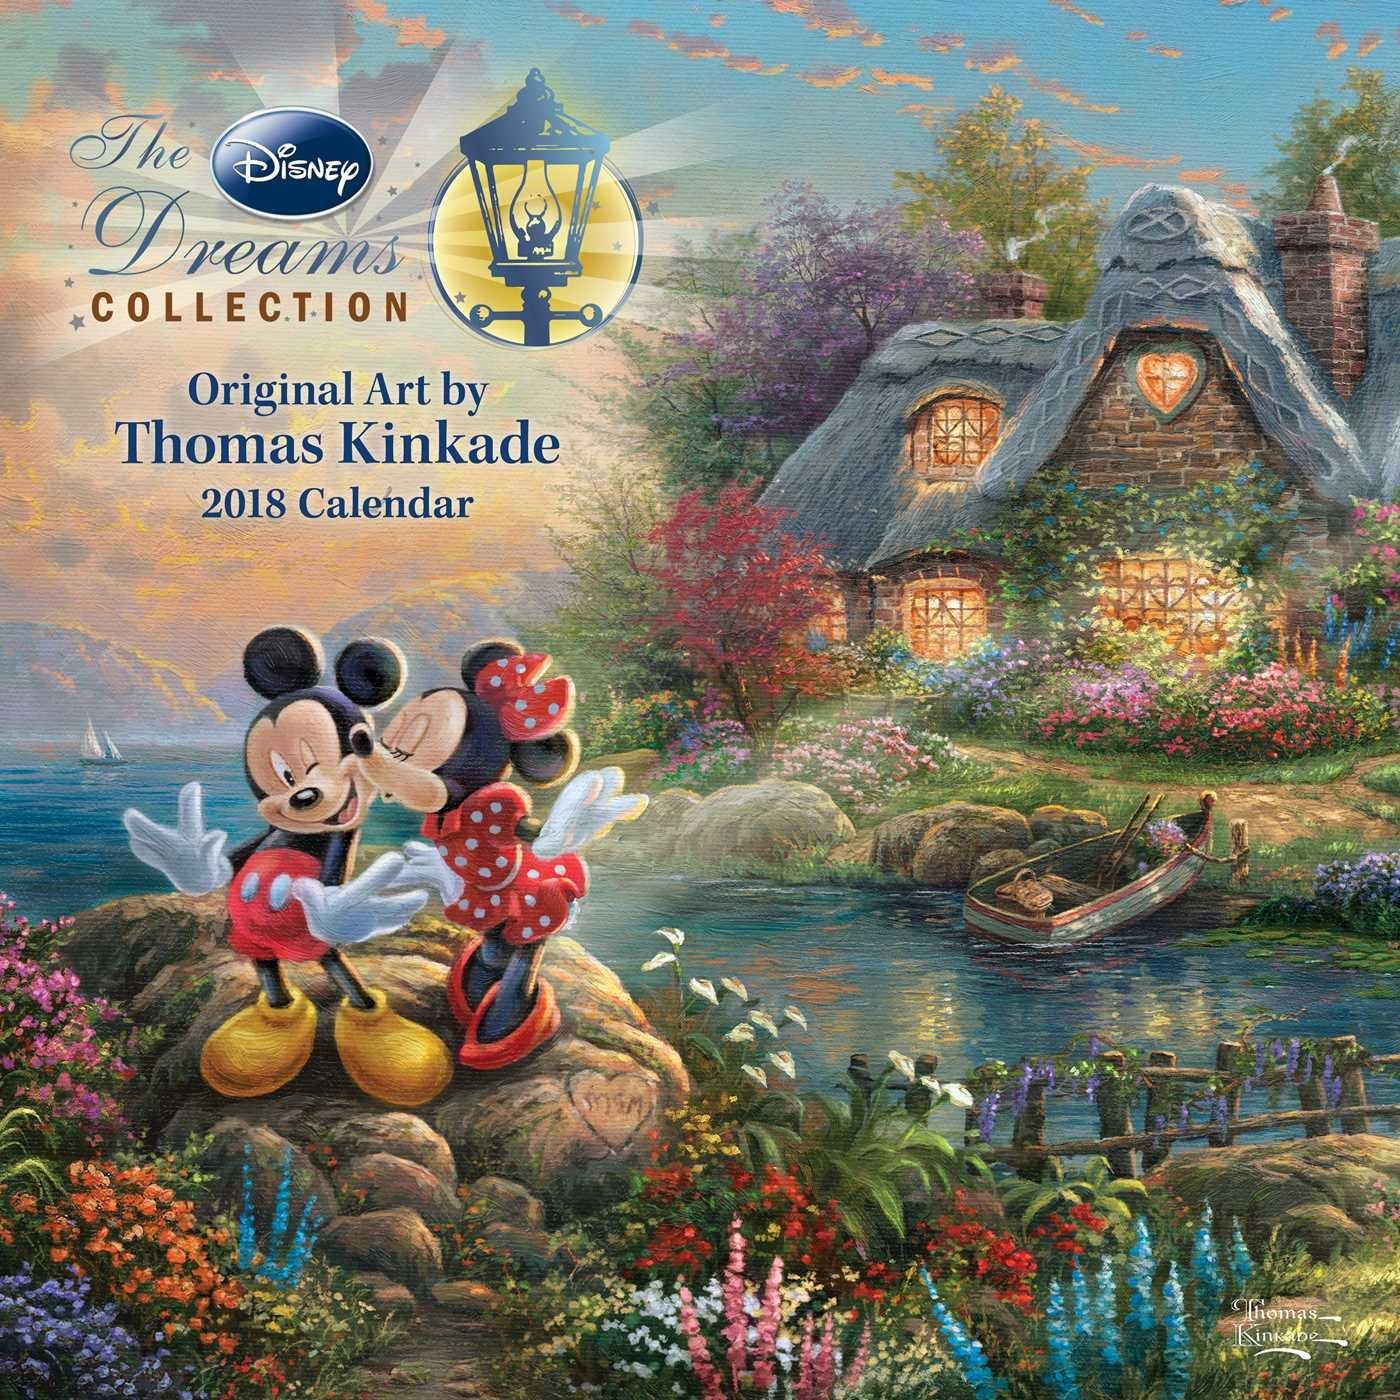 Thomas Kinkade: the Disney Dreams Collection 2018 Wall Calen (Inglés) Calendario – Calendario mural, 1 ago 2017 Brown Trout Publishers Ltd 1449482996 Wall Calendar 2018 Animation